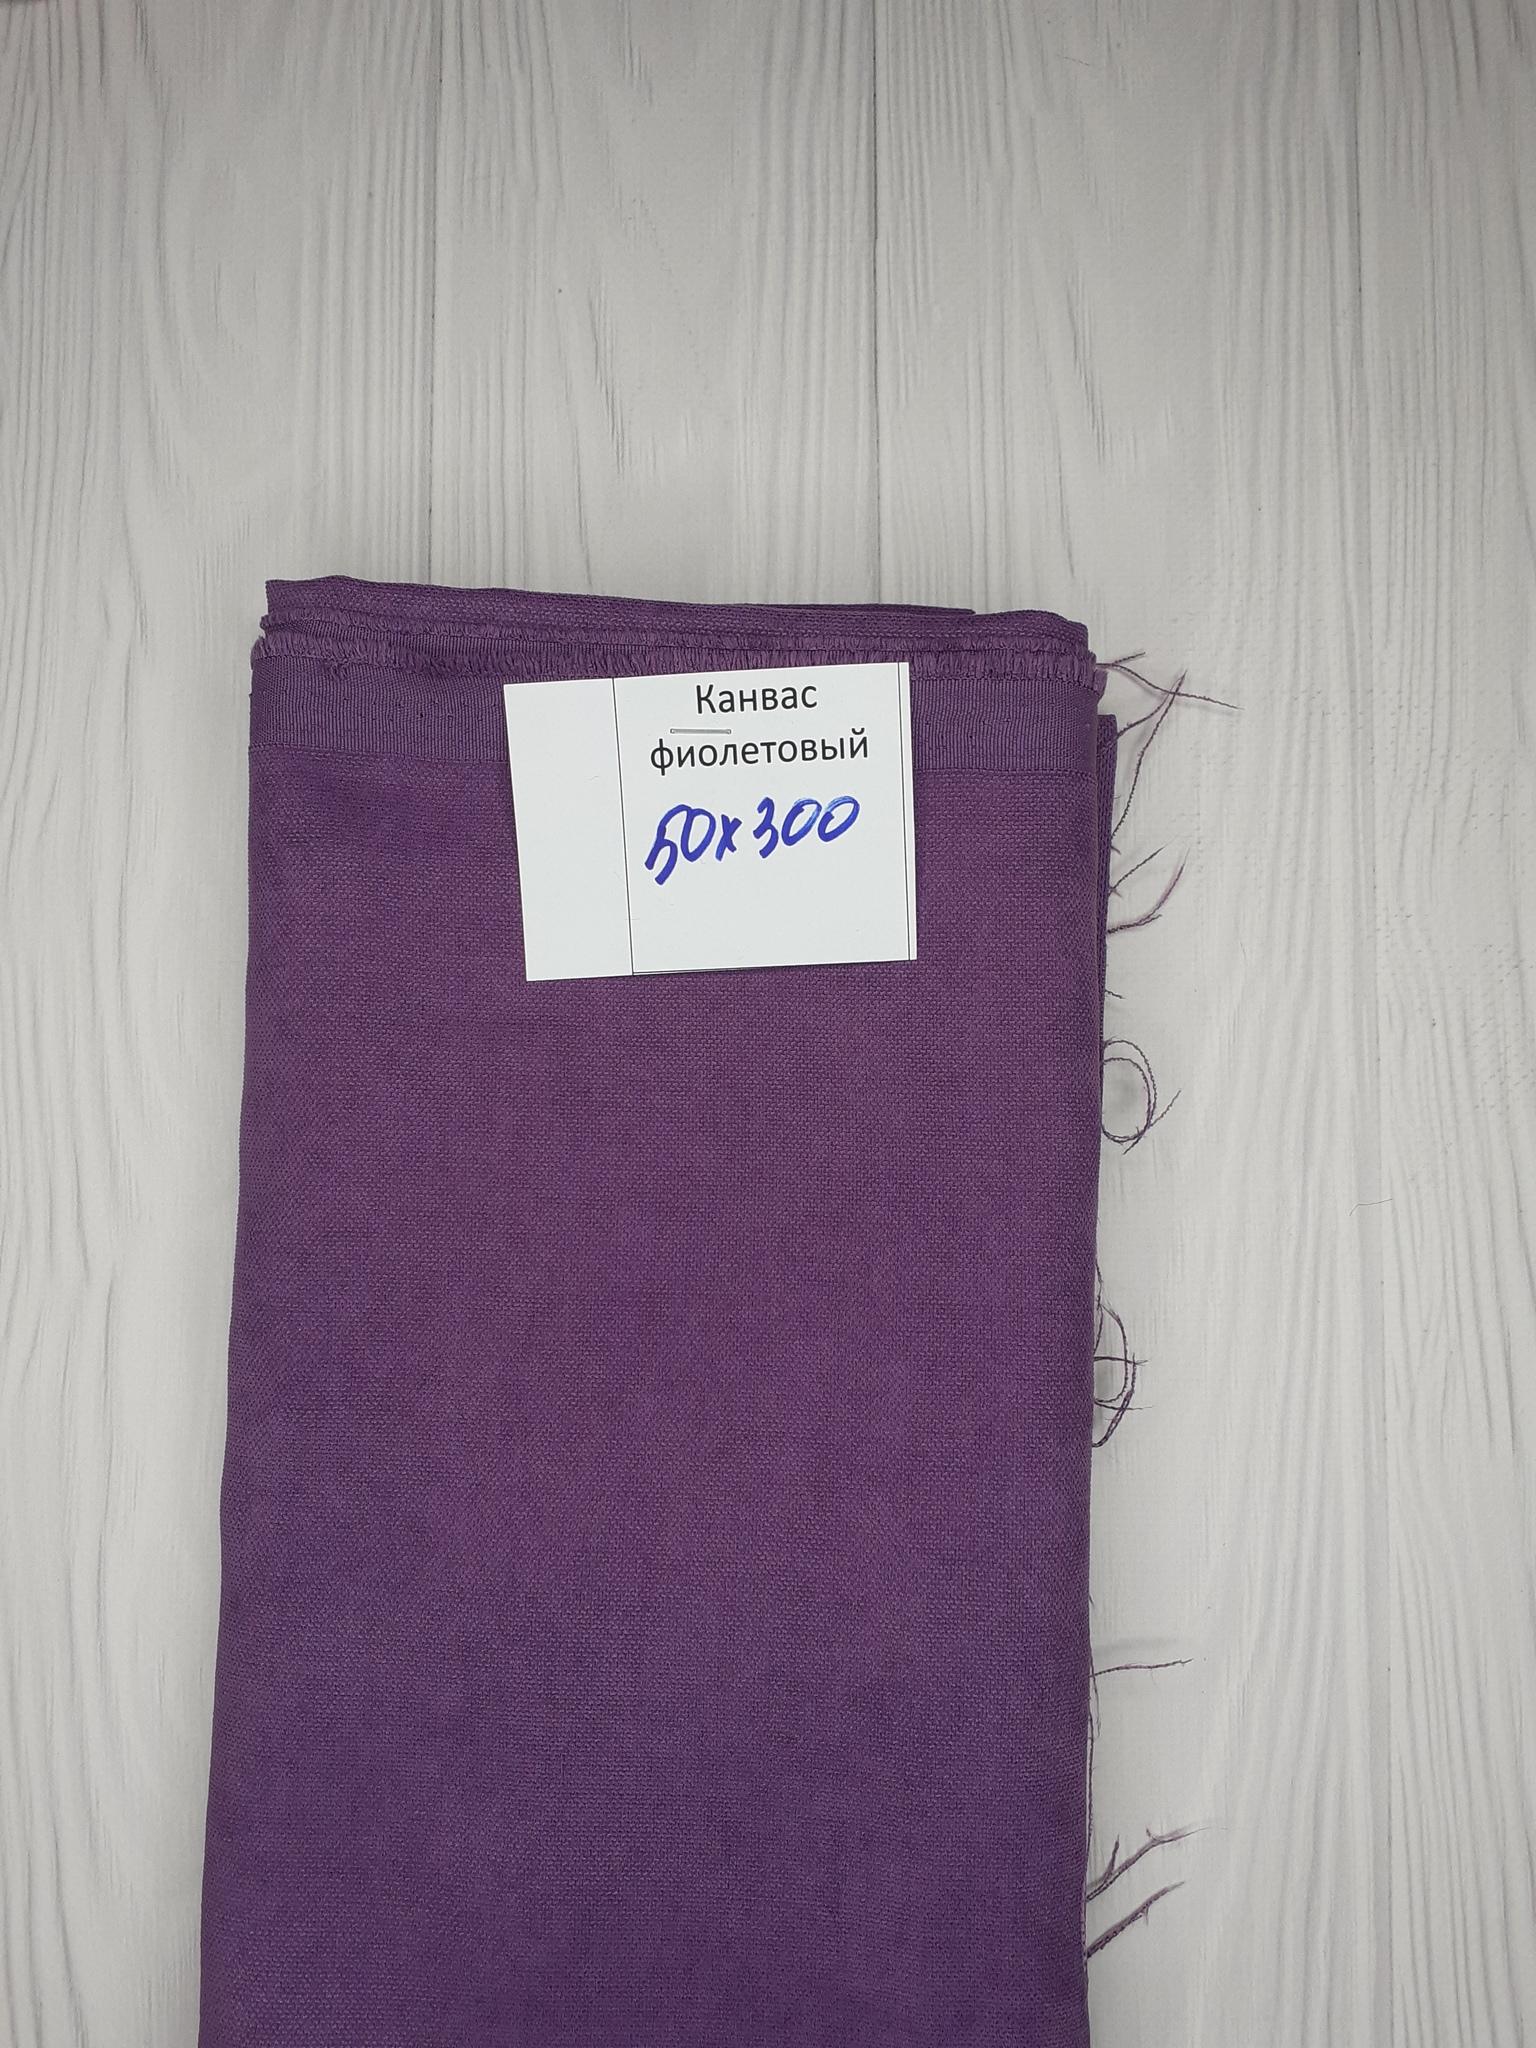 Канвас фиолетовый (лоскут)